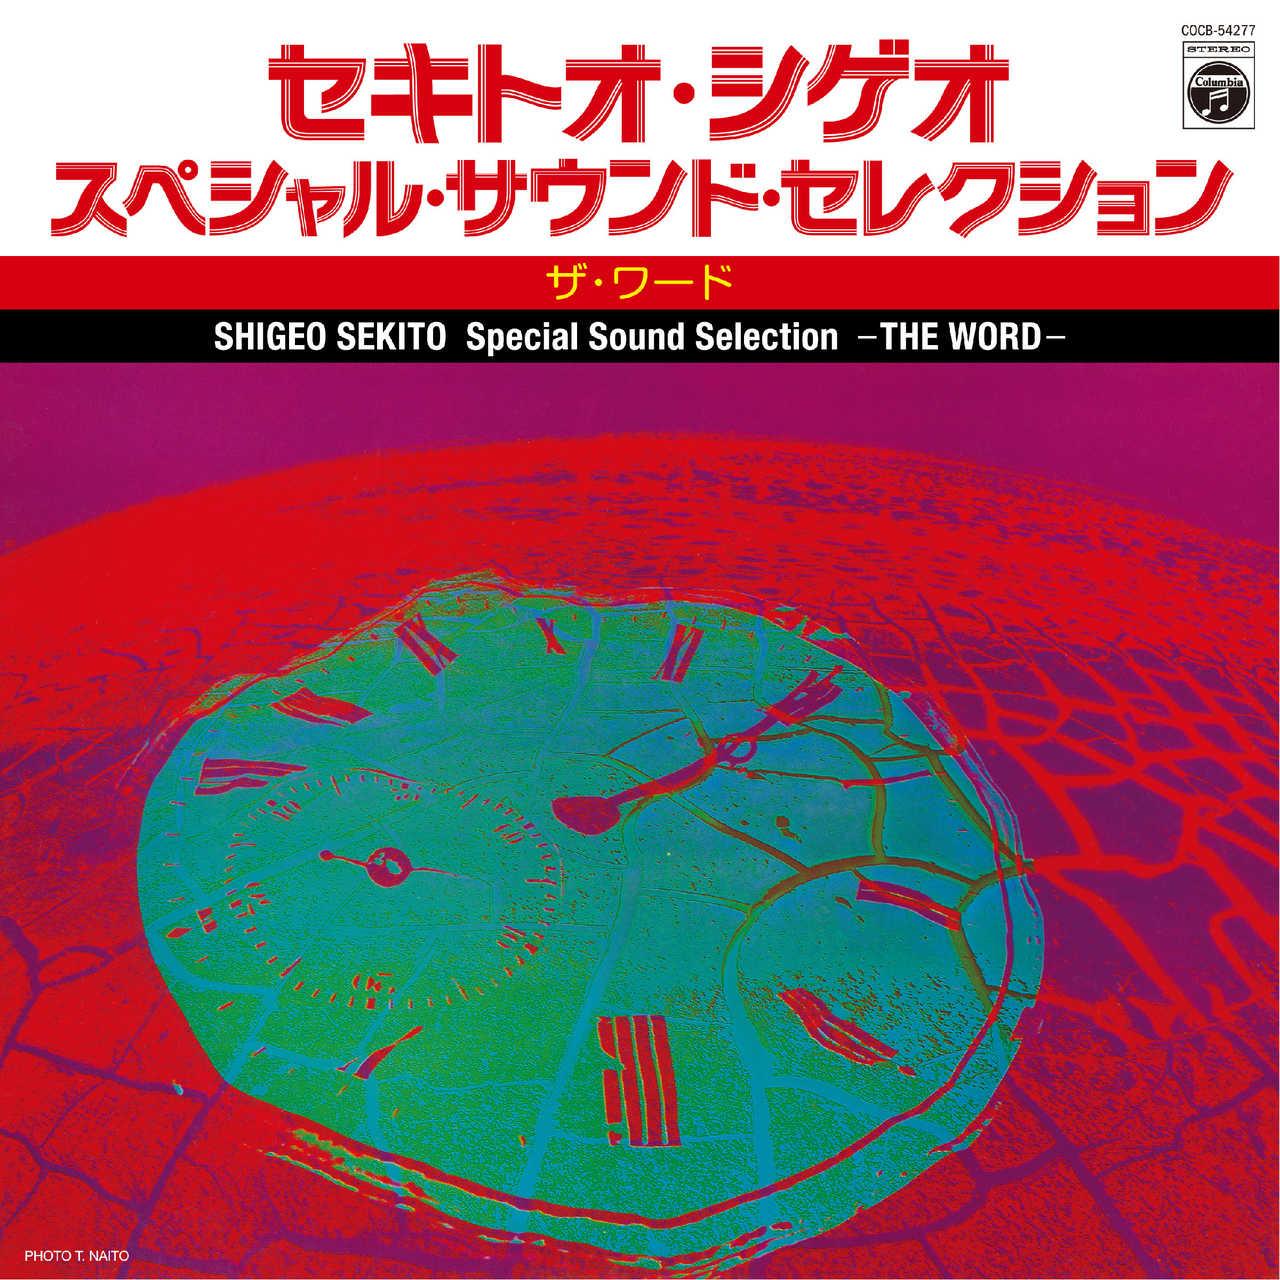 アルバム『スペシャル・サウンド・セレクション –ザ・ワード–』